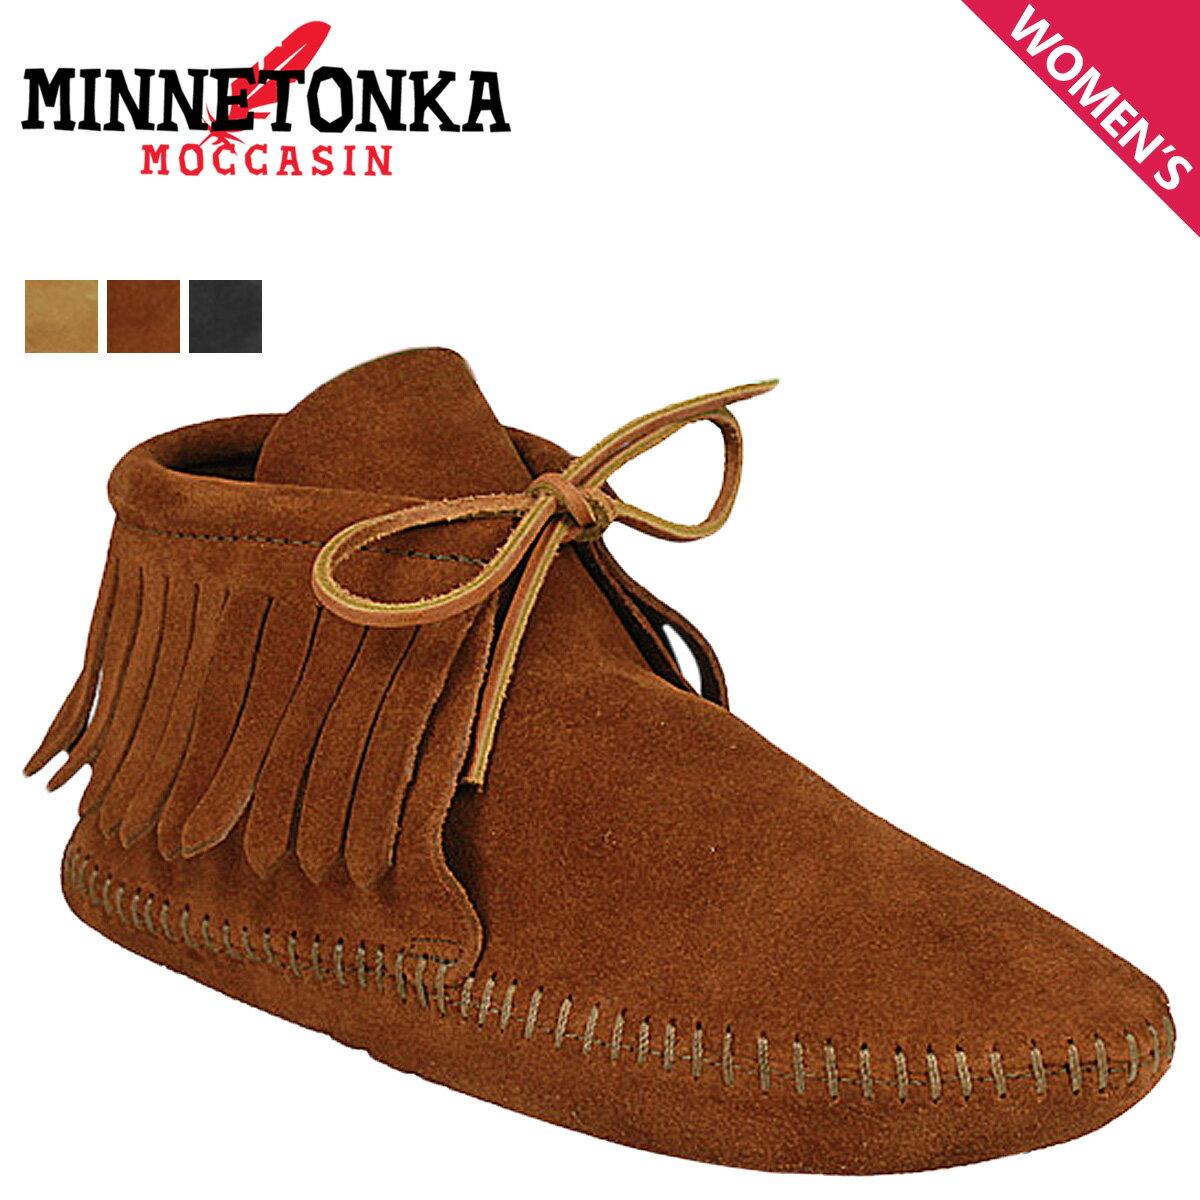 MINNETONKA ミネトンカ クラシック フリンジ ブーツ ソフトソール CLASSIC FRINGE BOOT SOFT SOLE レディース